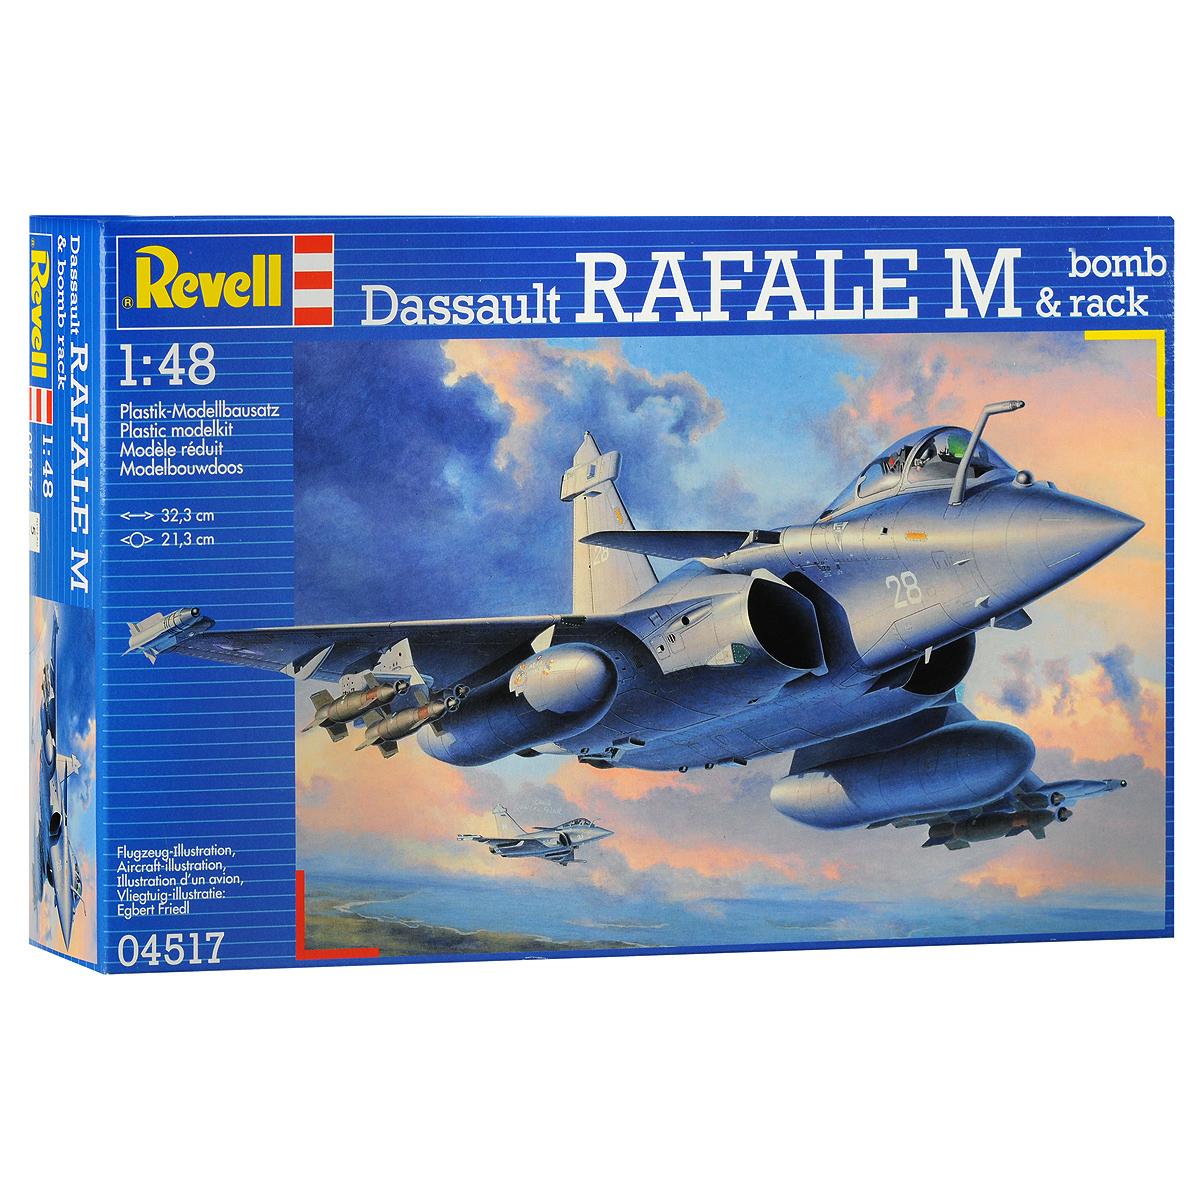 """Сборная модель Revell Самолет-истребитель Dassault Rafale M04517Сборная модель Revell Самолет-истребитель Dassault Rafale M поможет вам и вашему ребенку придумать увлекательное занятие на долгое время. Набор включает в себя 204 пластиковых элемента, из которых можно собрать достоверную уменьшенную копию одноименного самолета. Также в наборе схематичная инструкция по сборке. Сборная модель французского многоцелевого самолета Dassault Rafale. Этот истребитель четвертого поколения был разработан в 1986 году. Первые машины поступили на вооружение ВМС Франции в 2004 году. Всего было построено 111 машин. Активно применялся во время операции НАТО в Афганистане в марте 2007 года. Помимо этого """"Рафали"""" приняли участие в операции по свержению режима Муамара Каддафи в Ливии. На данный момент ведется производство экспортного варианта для ВВС Индии. Процесс сборки развивает интеллектуальные и инструментальные способности, воображение и конструктивное мышление, а также прививает практические навыки работы со схемами и..."""